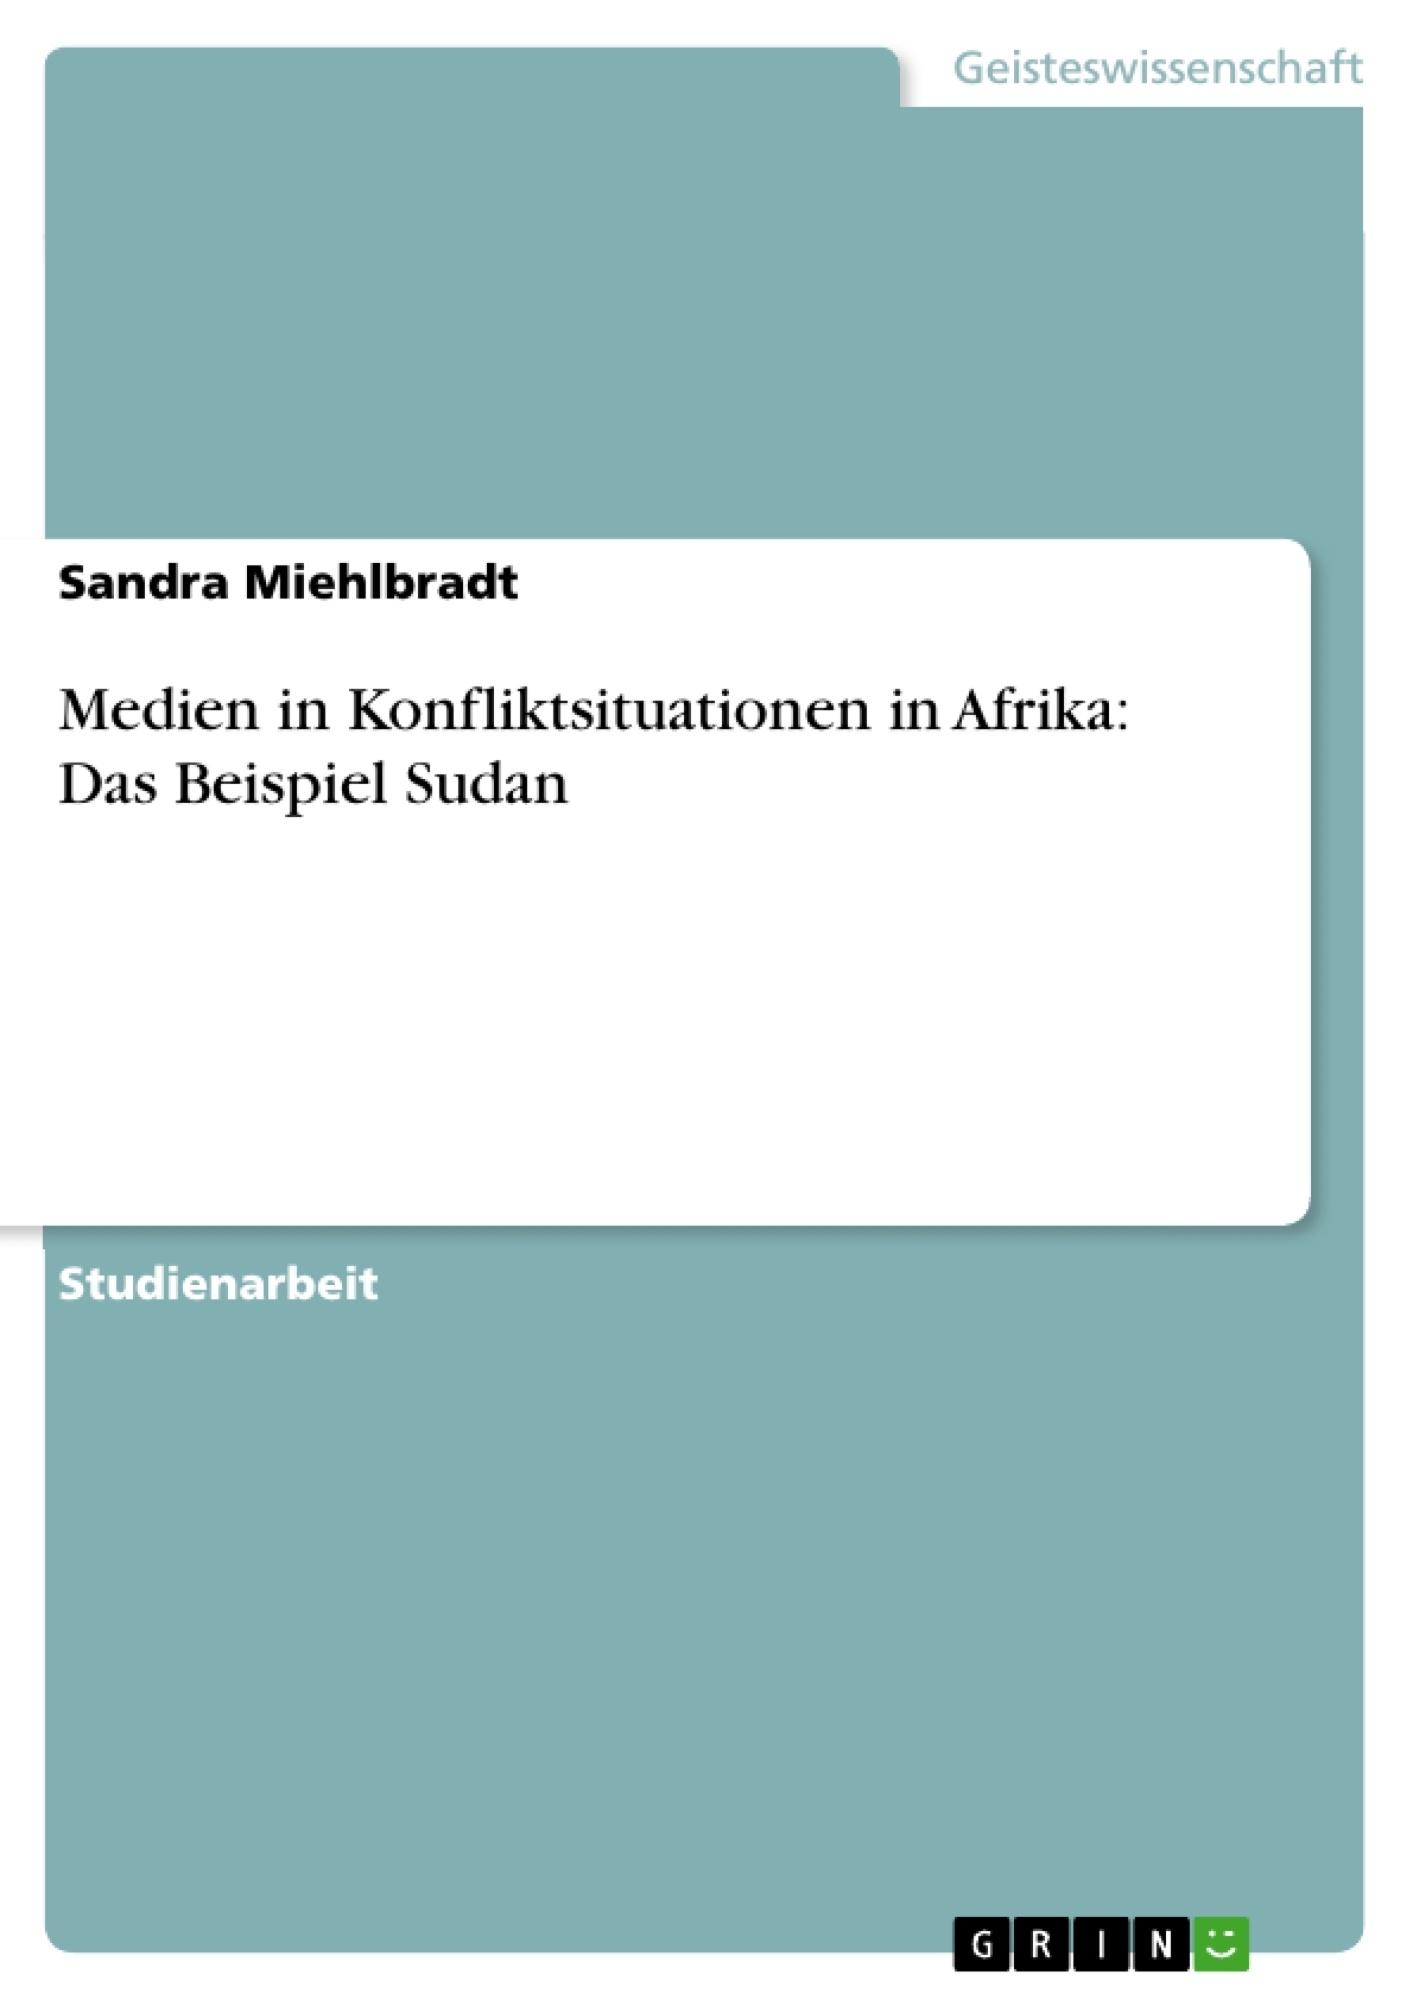 Titel: Medien in Konfliktsituationen in Afrika: Das Beispiel Sudan